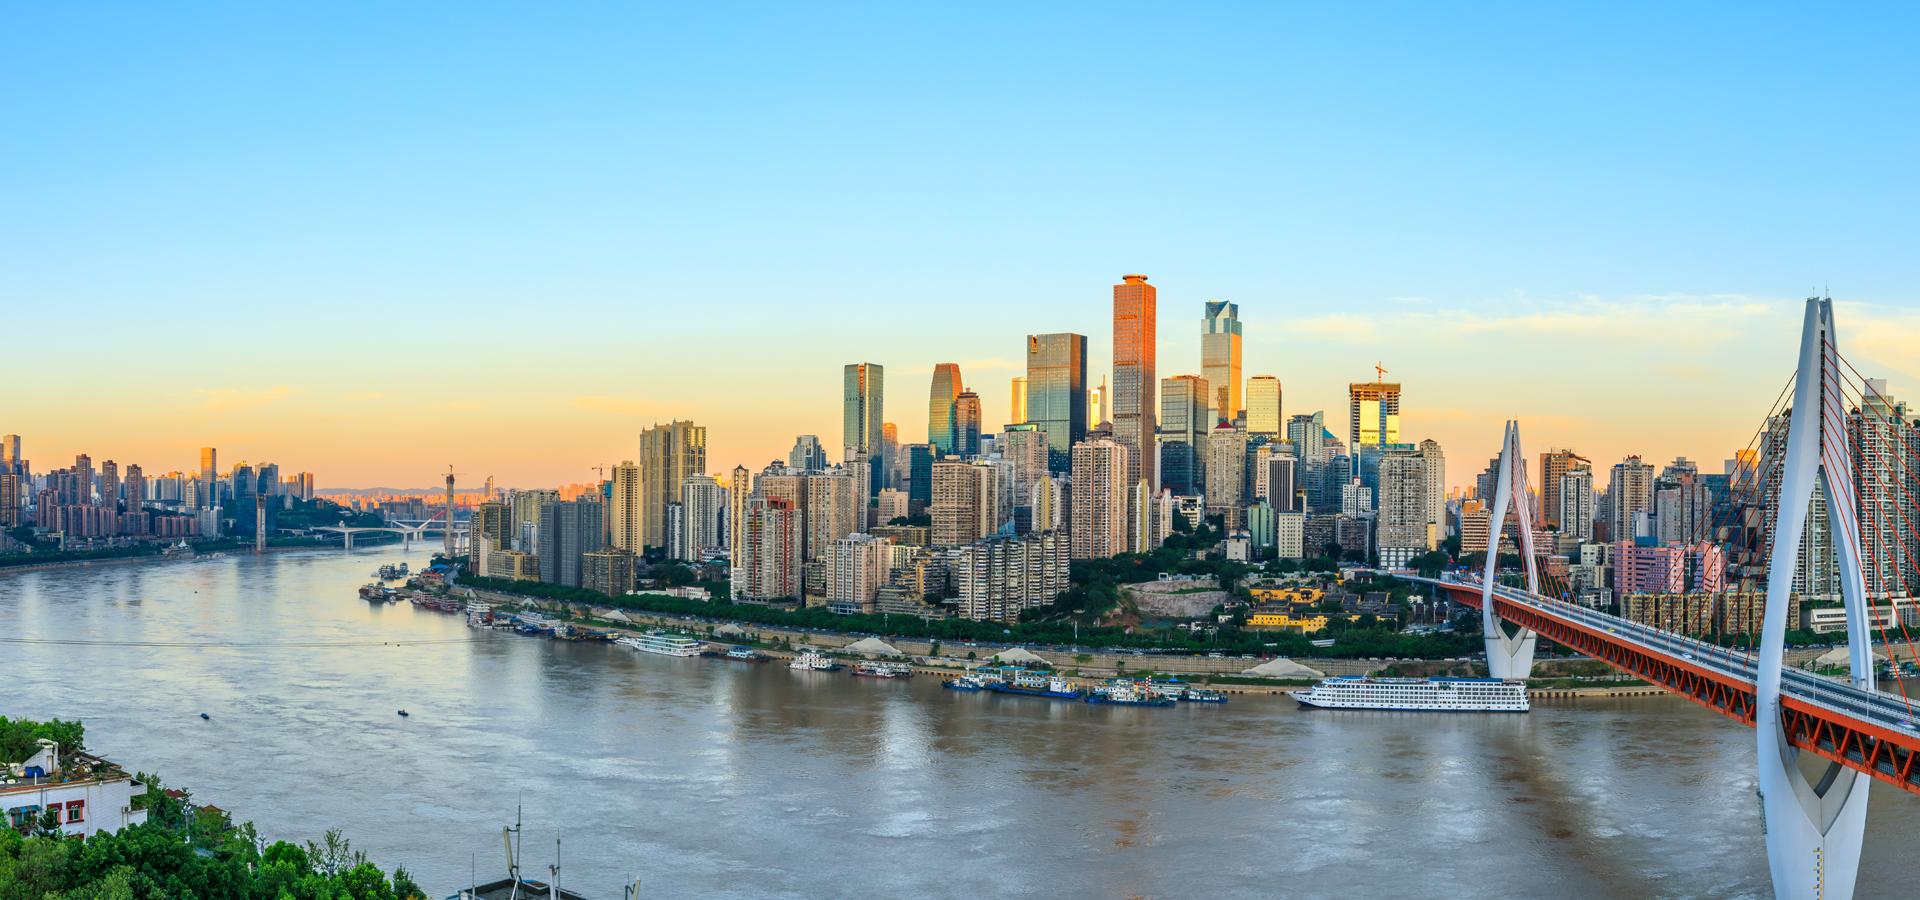 Peer-to-peer advisory in Chongqing, China